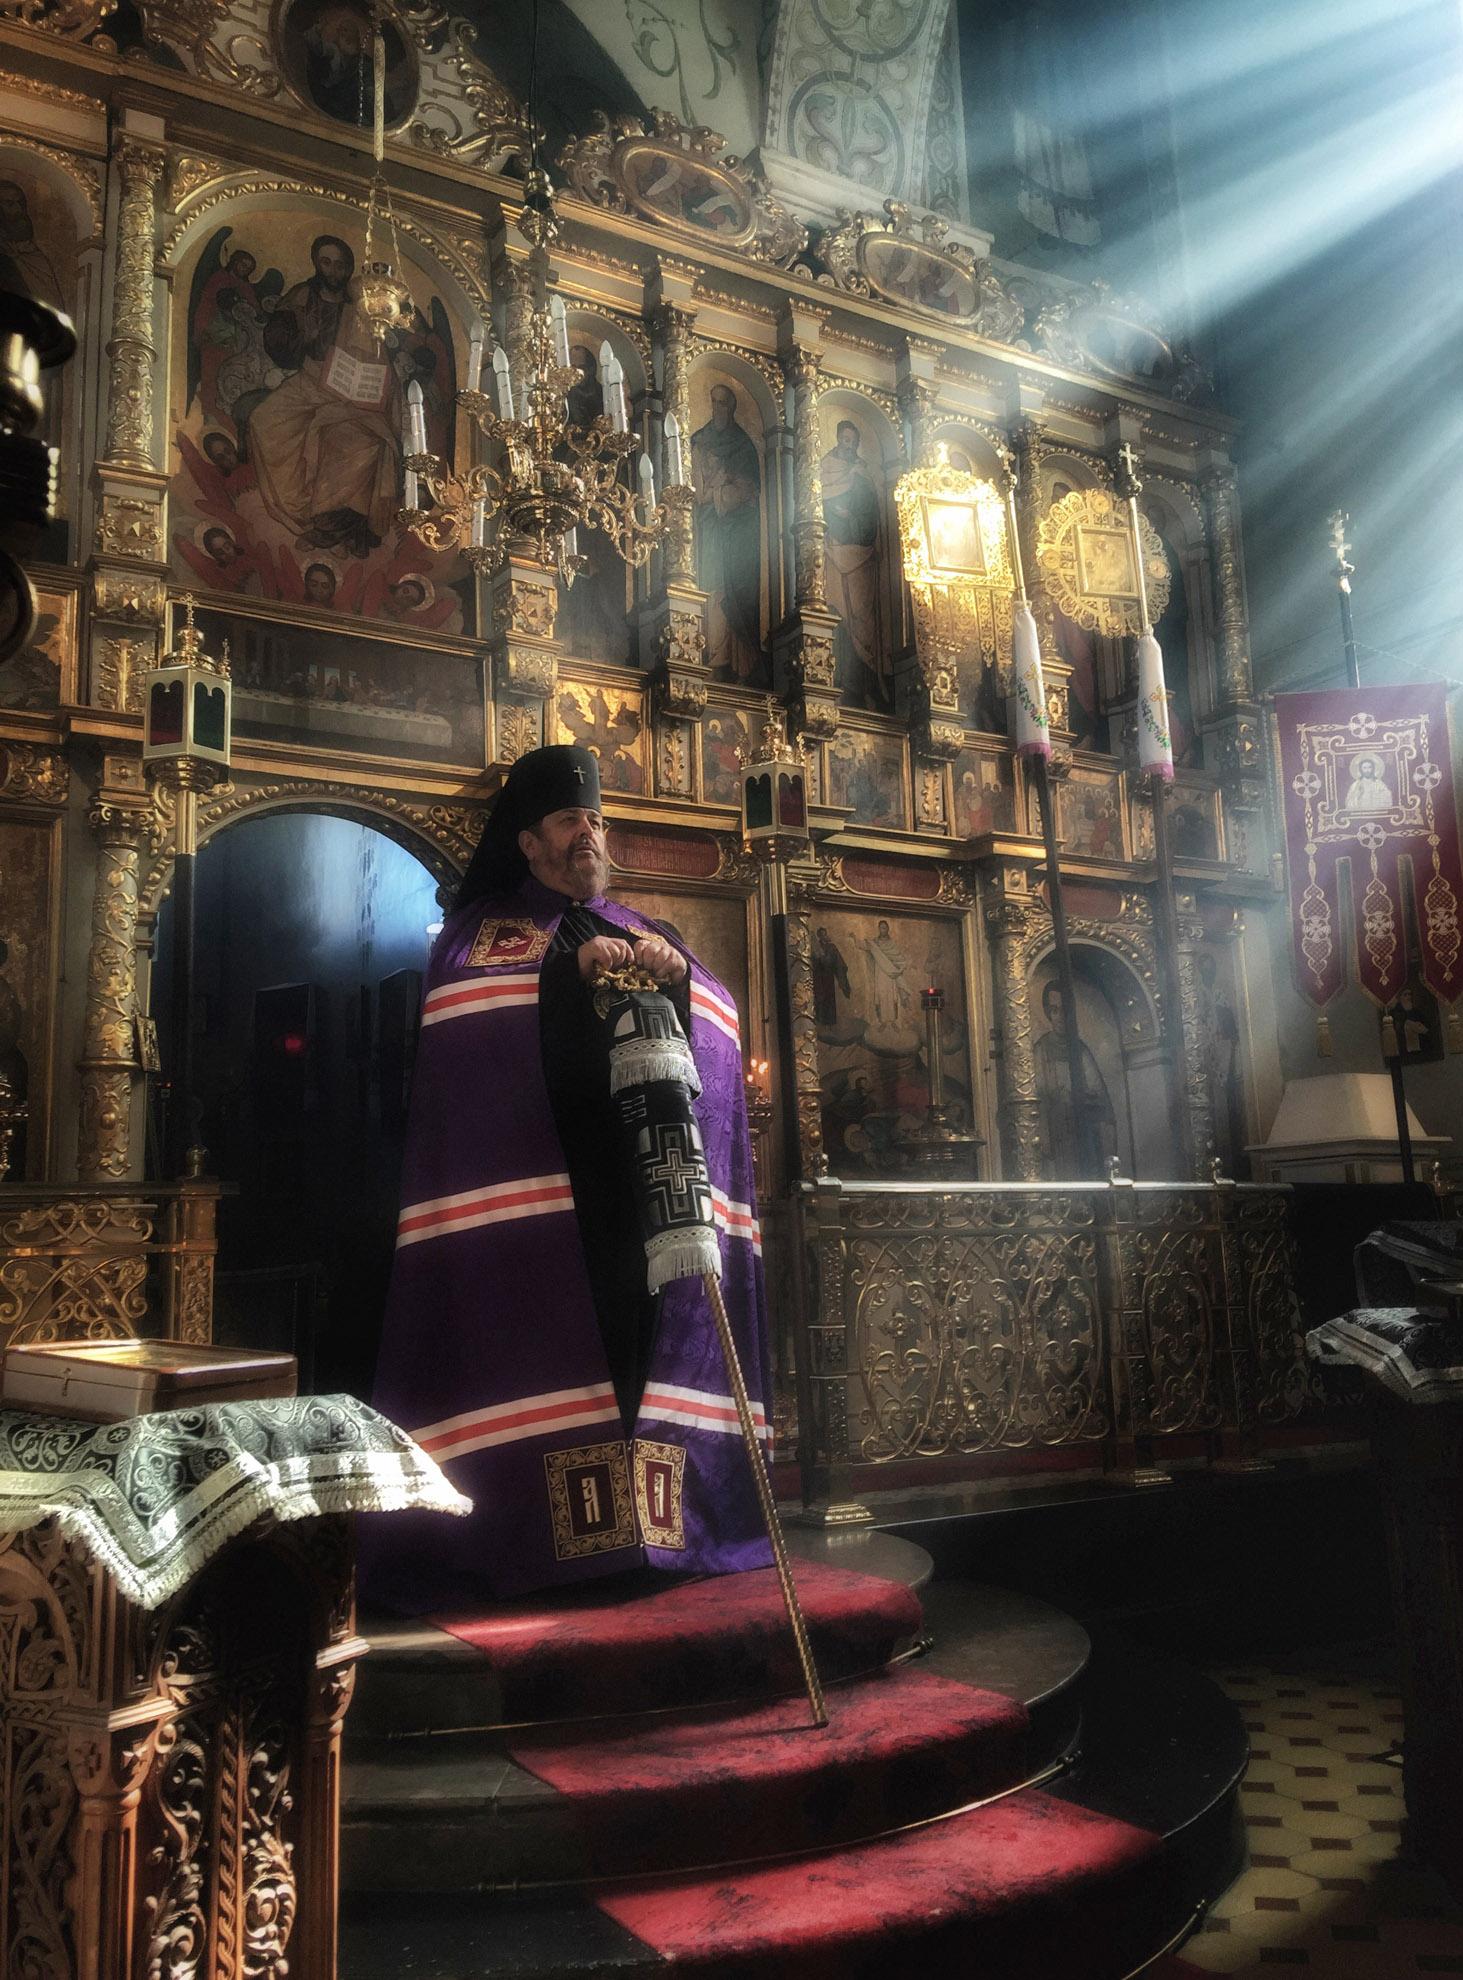 Niedziela Przebaczenia Win w lubelskiej katedrze prawosławnej